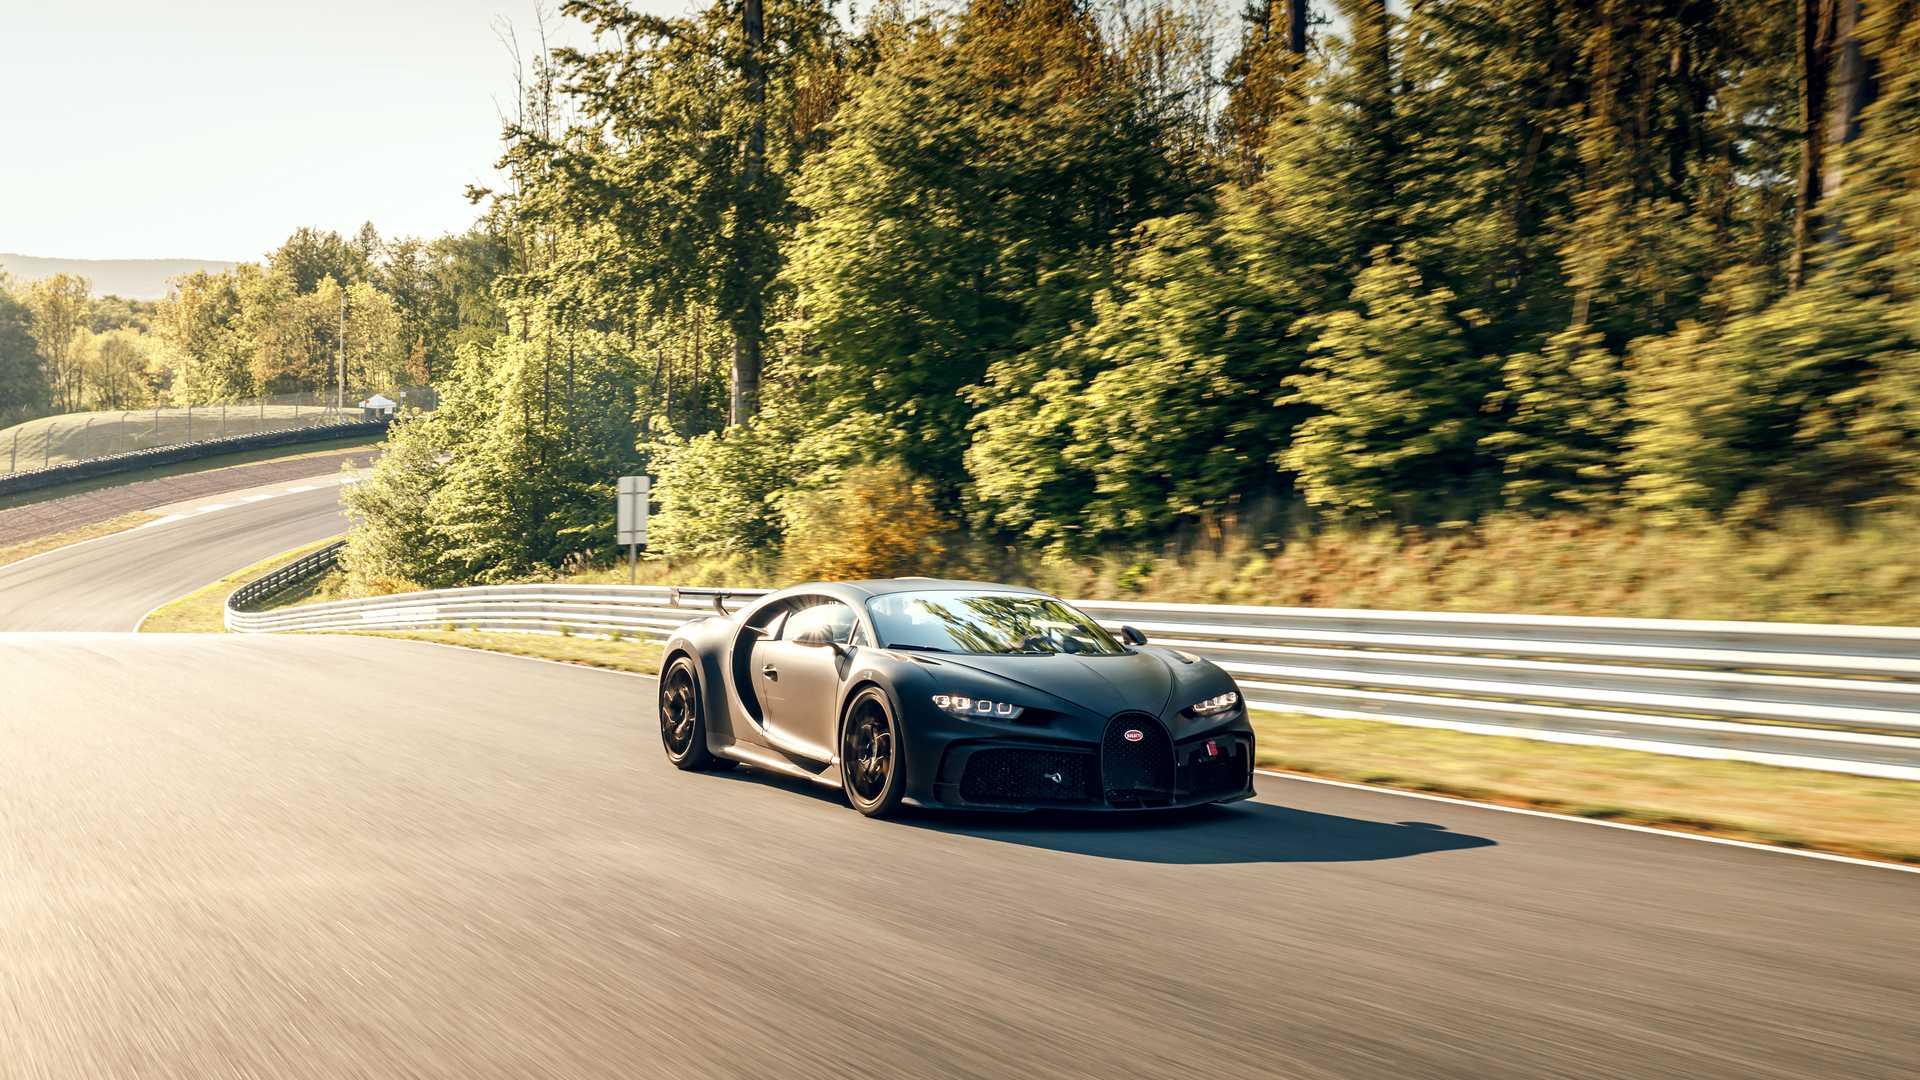 Bugatti_Chiron_Pur_Sport_Bilster_Berg_0003